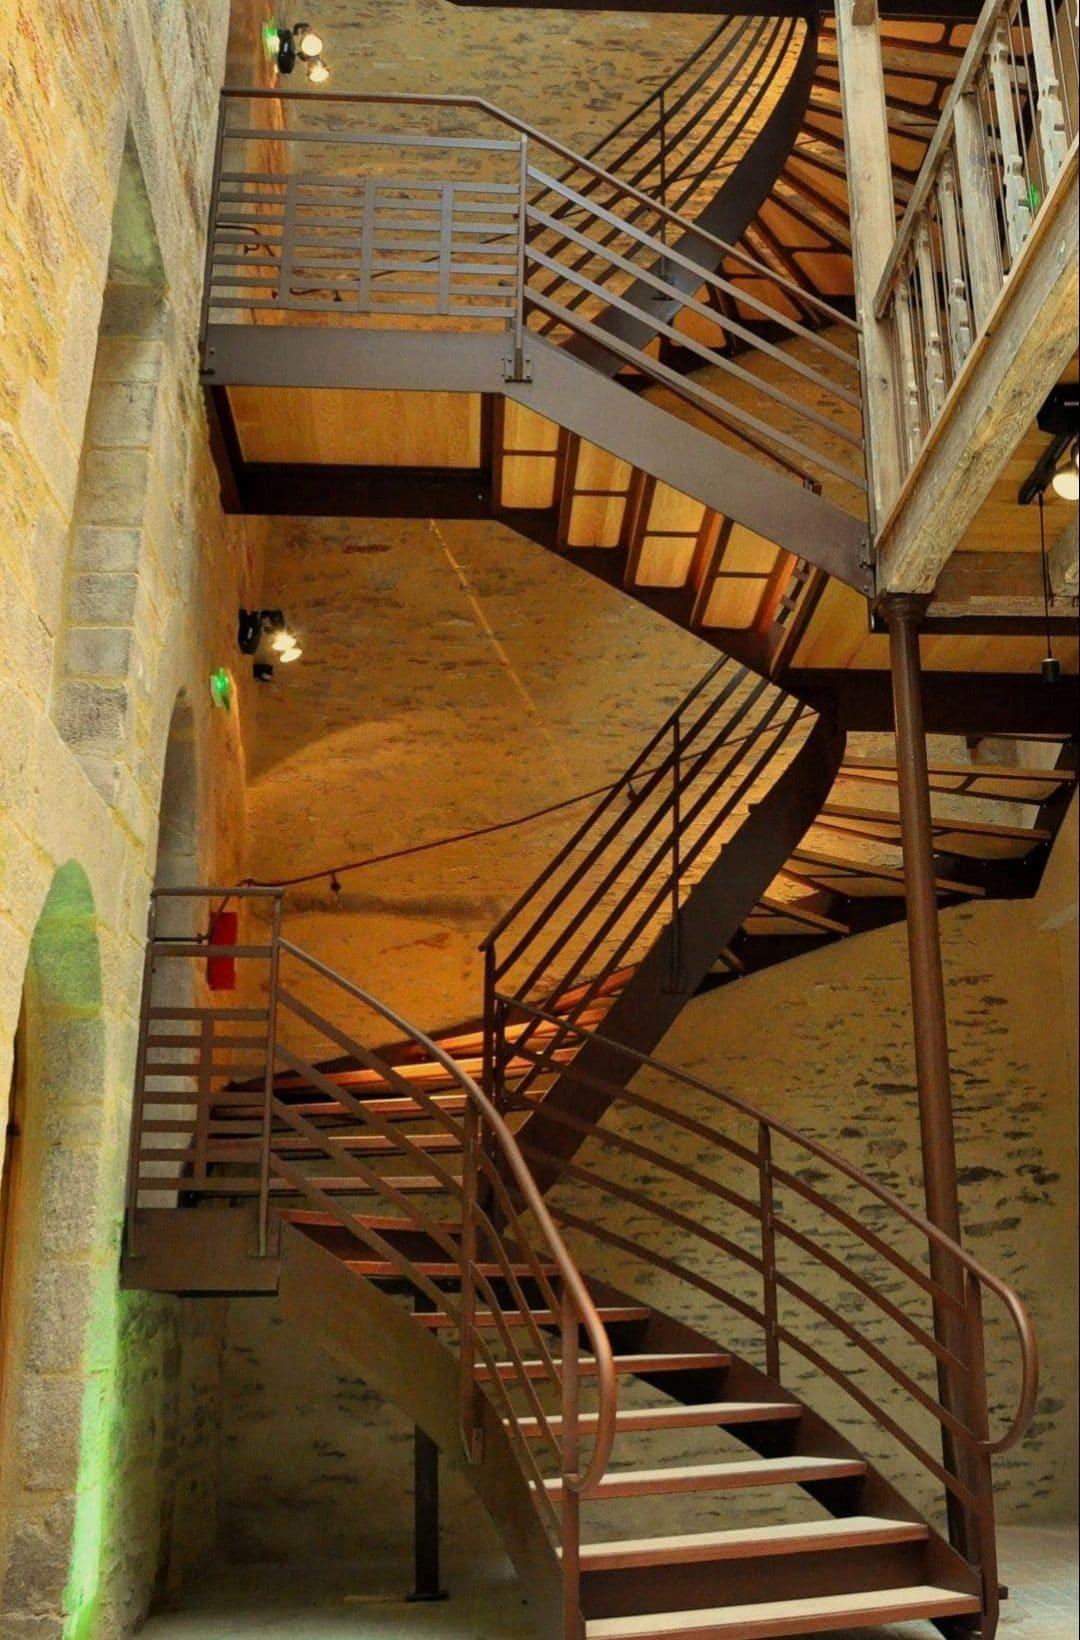 Escalier Malestroit - 2